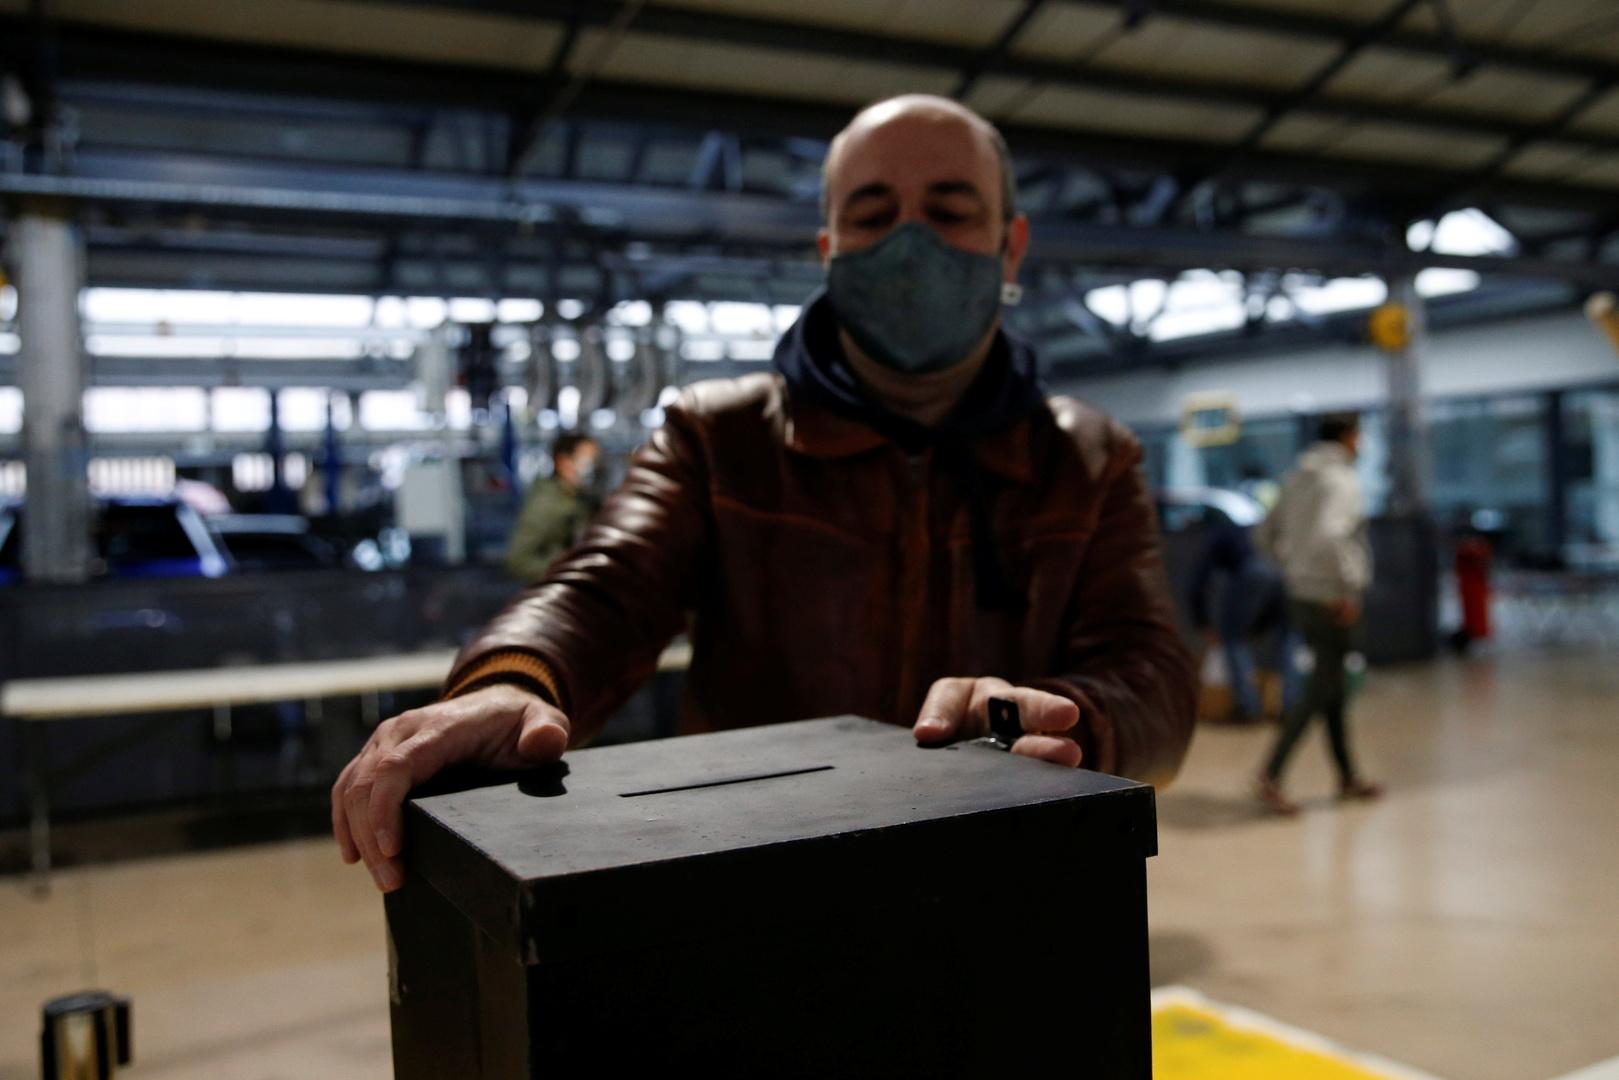 البرتغال تجري انتخابات رئاسية الأحد رغم تصاعد الإصابات بكورونا